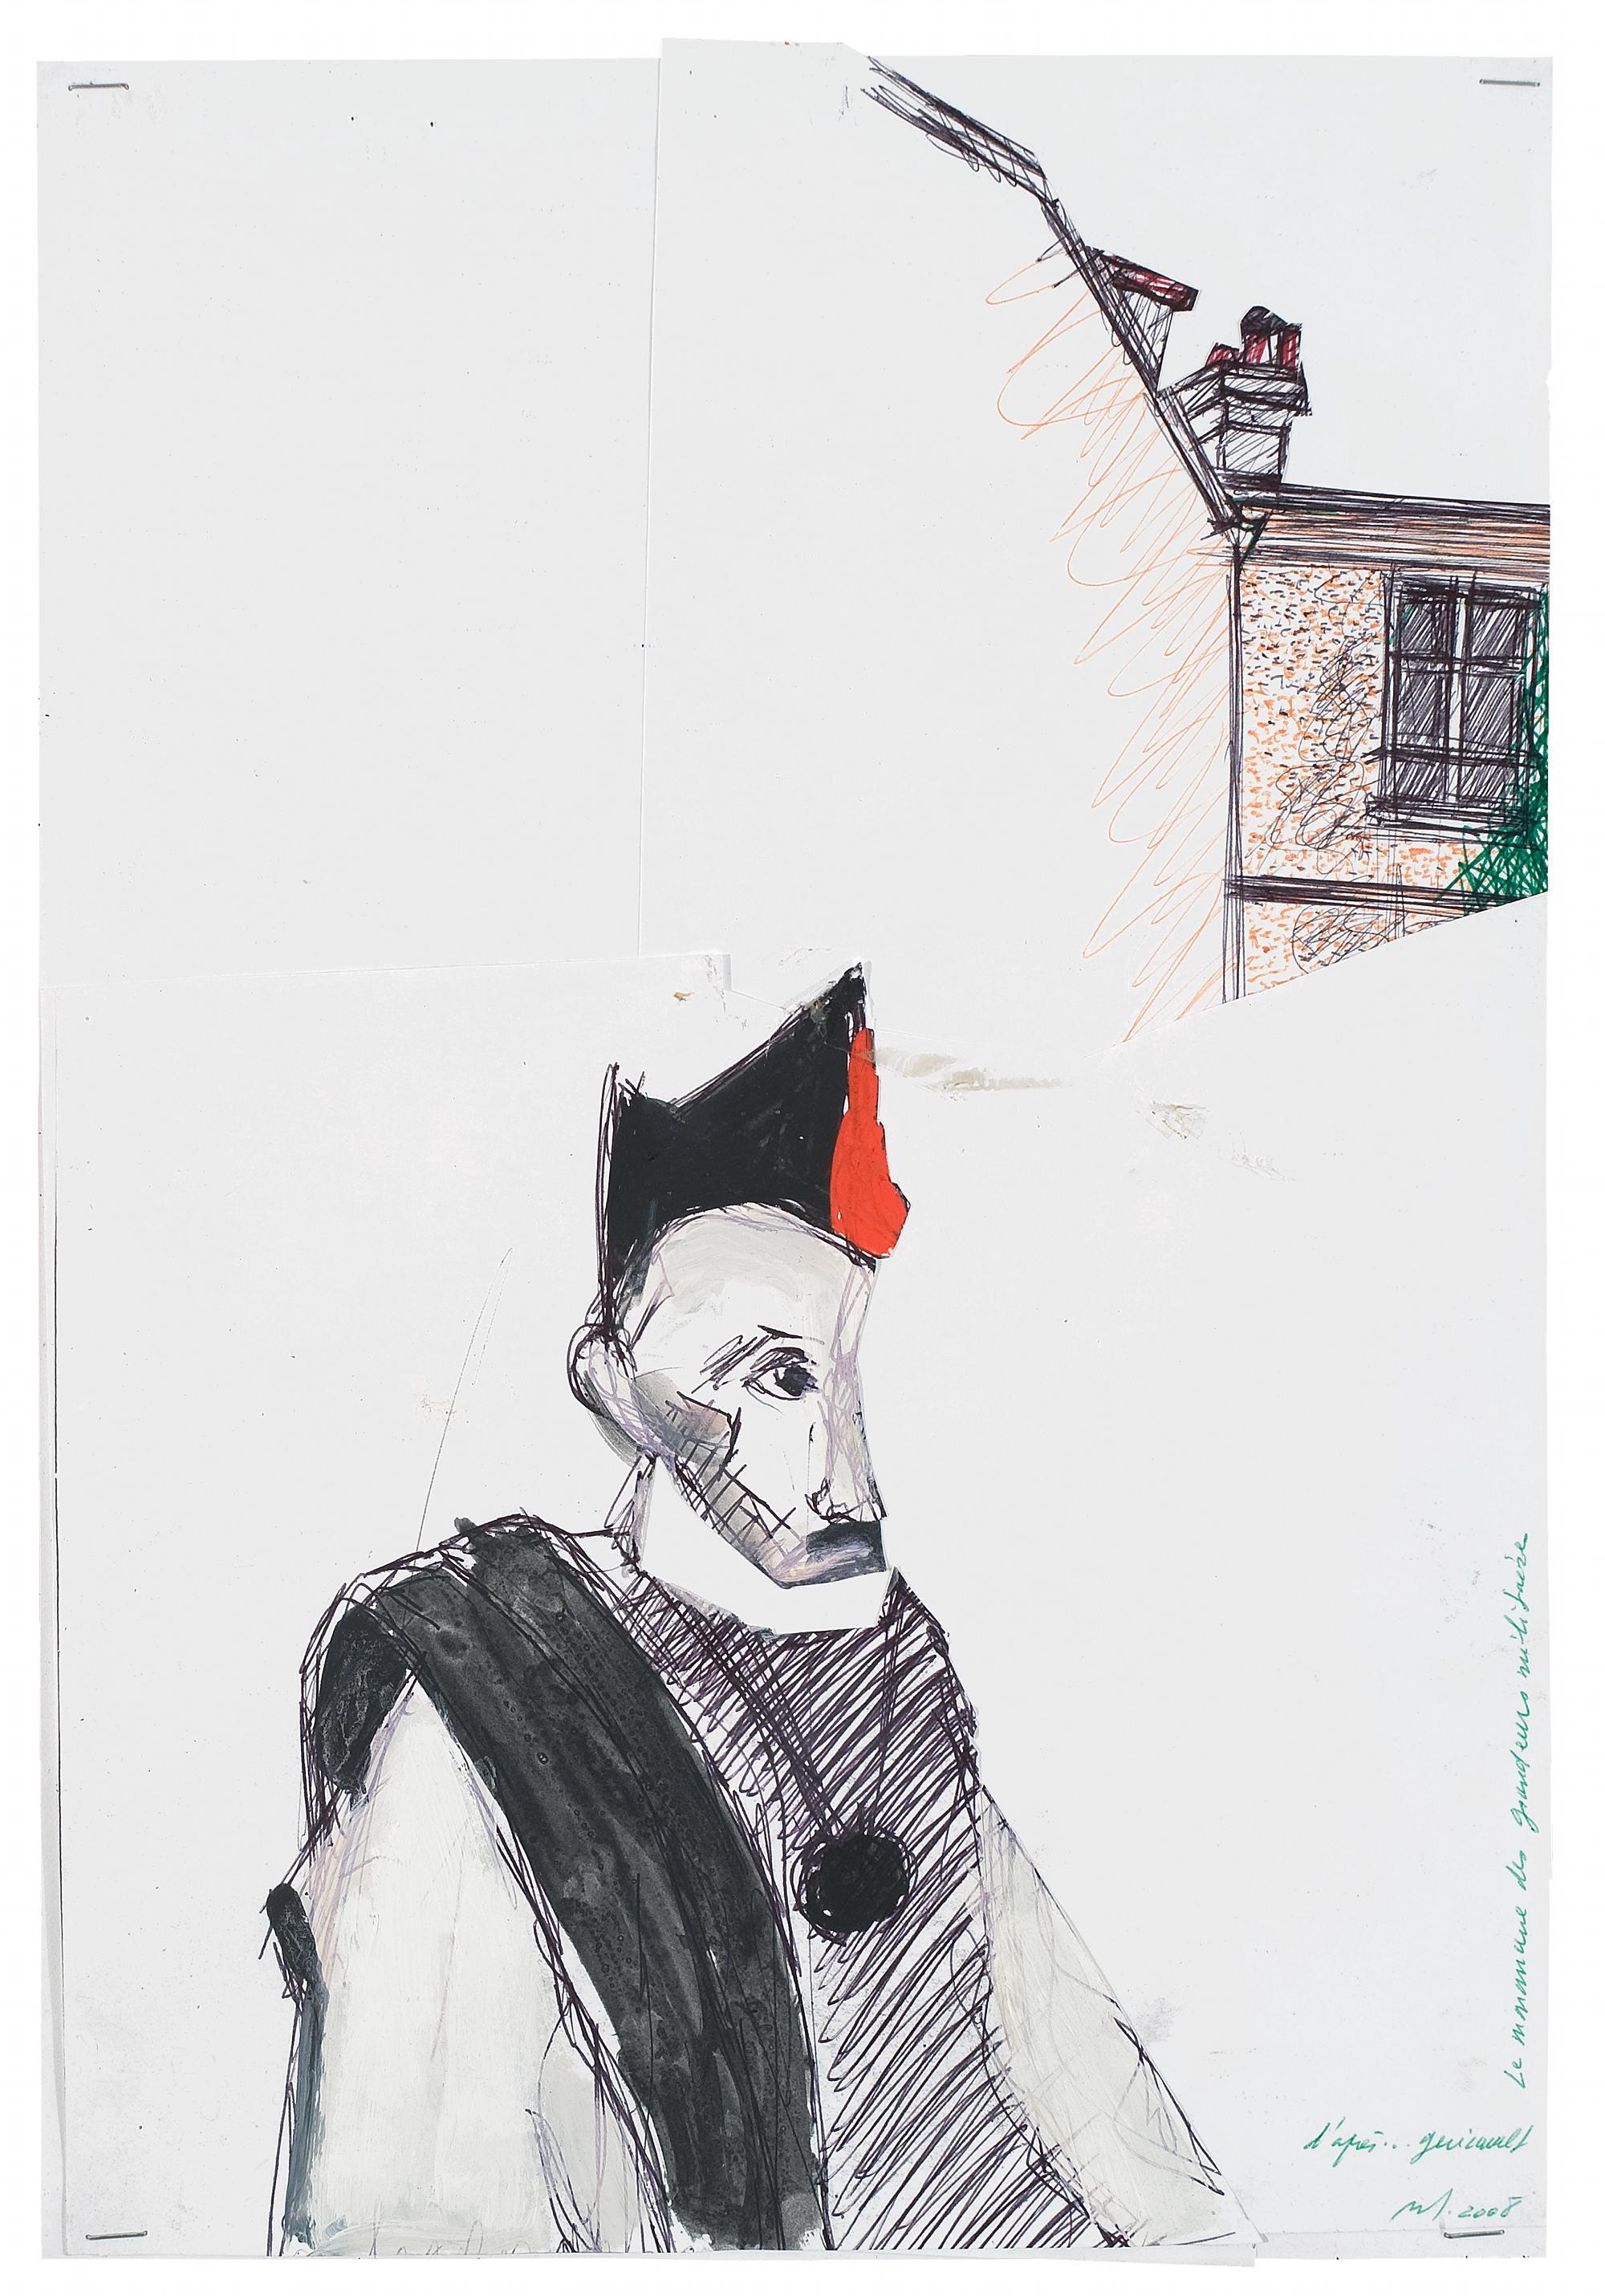 D'après… Géricault. Le monomane@des grandeurs militaires, crayon à bille, gouache, découpage